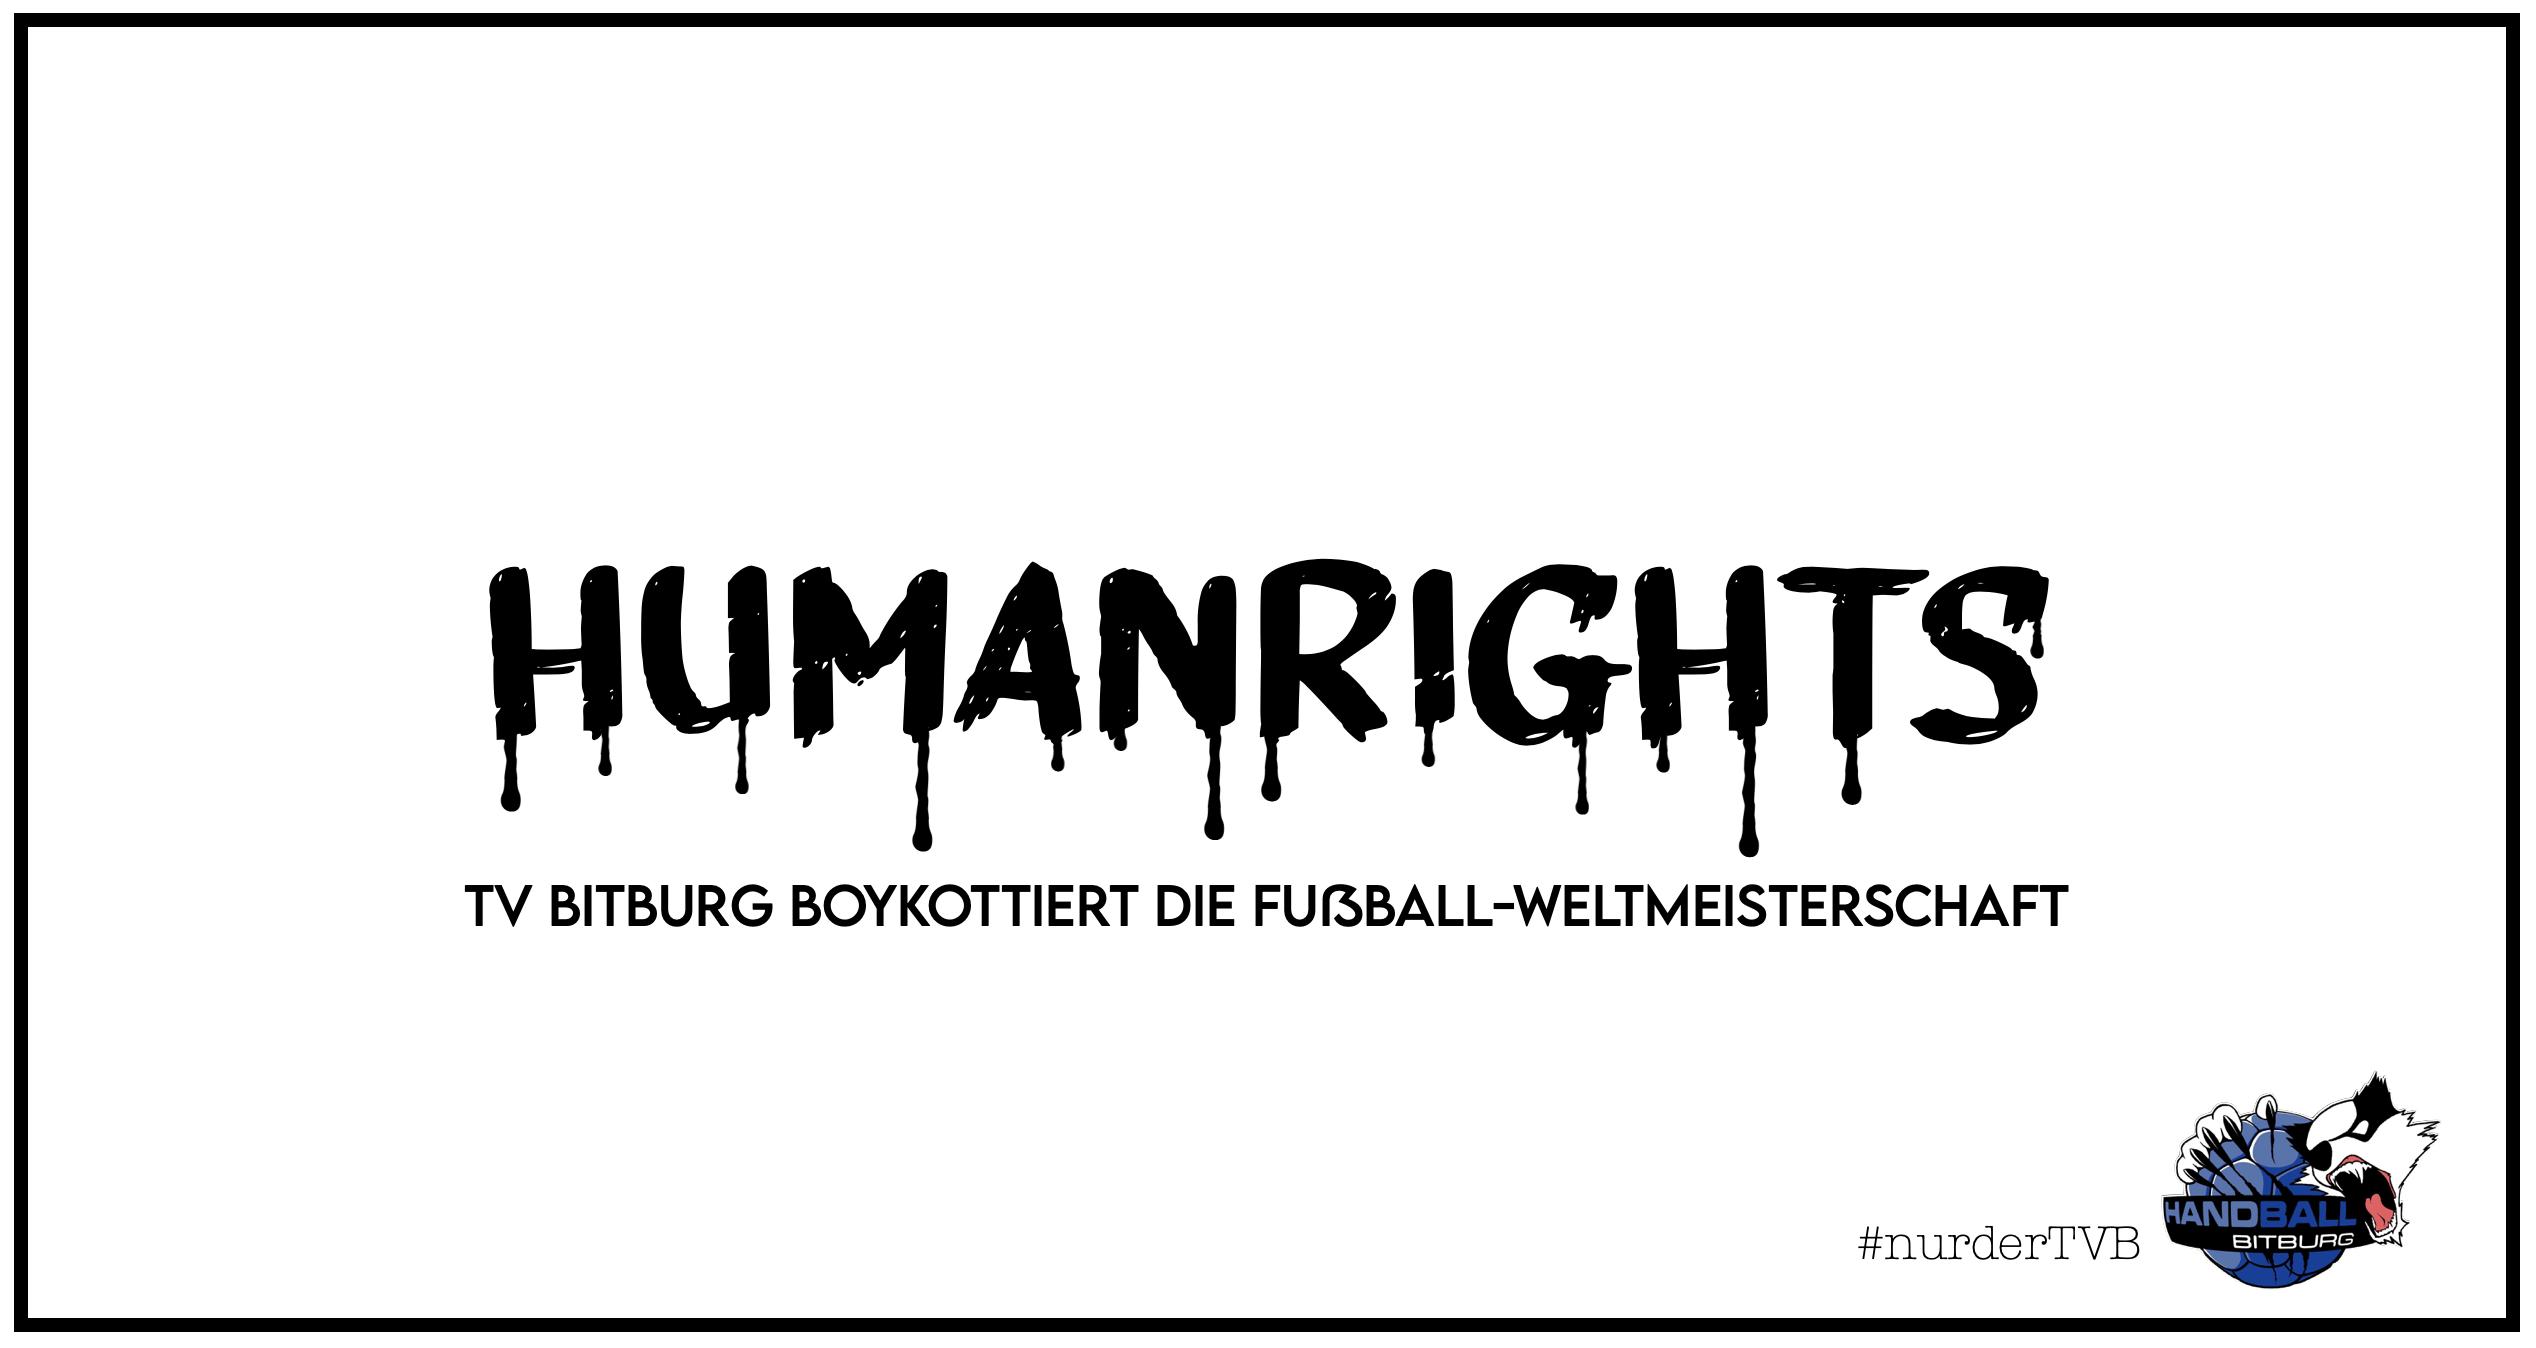 Der TV Bitburg boykottiert die Fußball-Weltmeisterschaft 2022 in Katar